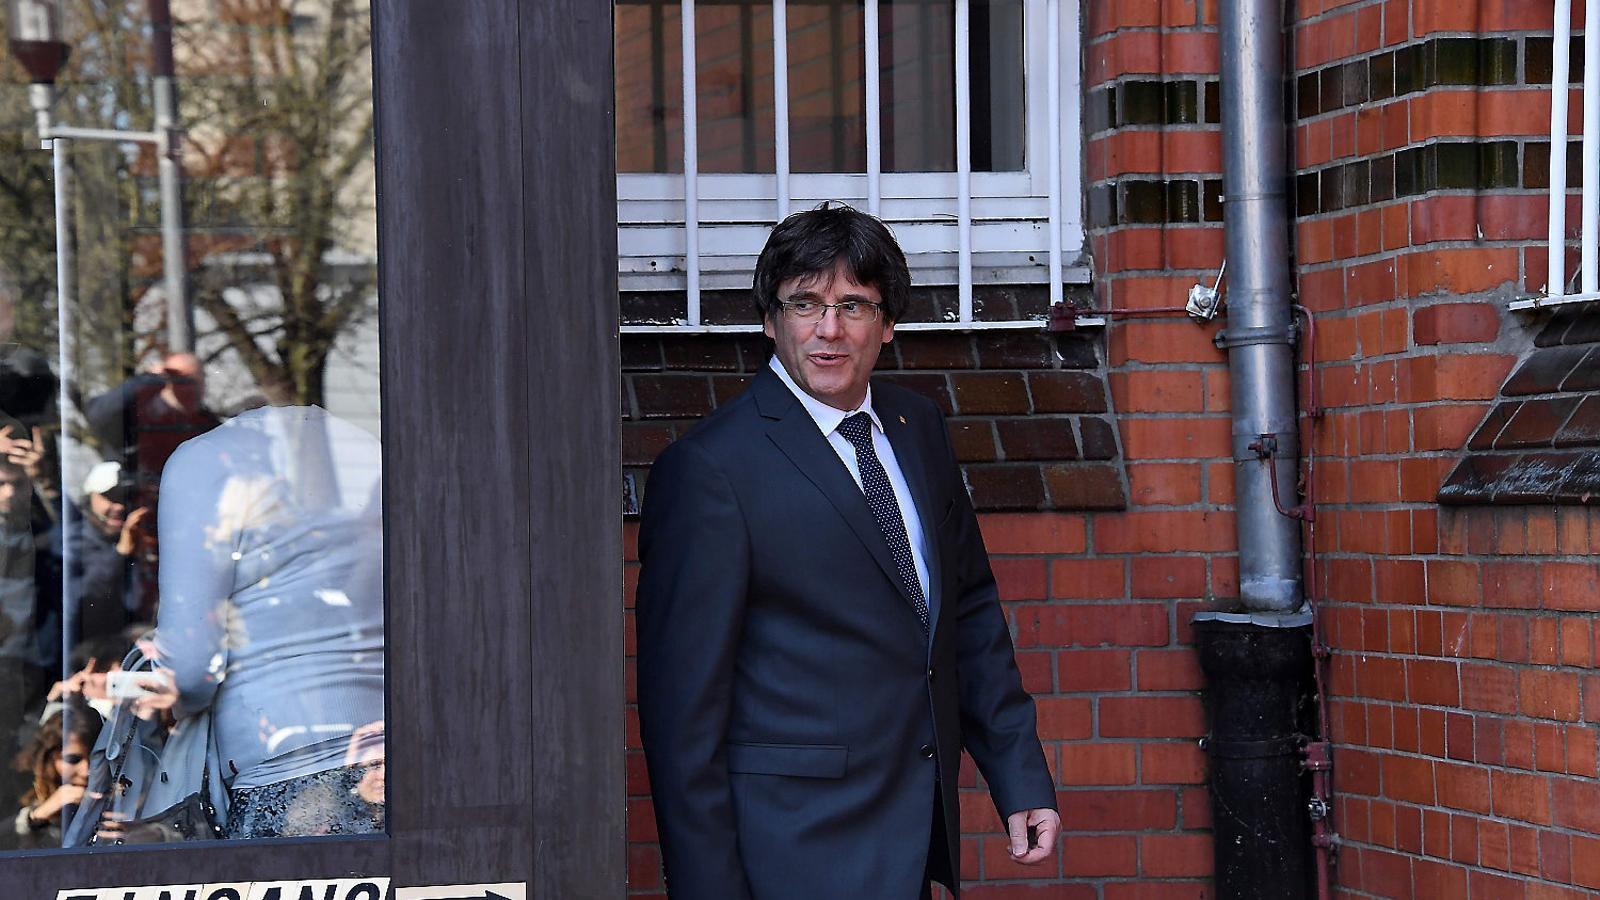 El president de la Generalitat, Carles Puigdemont, abandonant la presó.